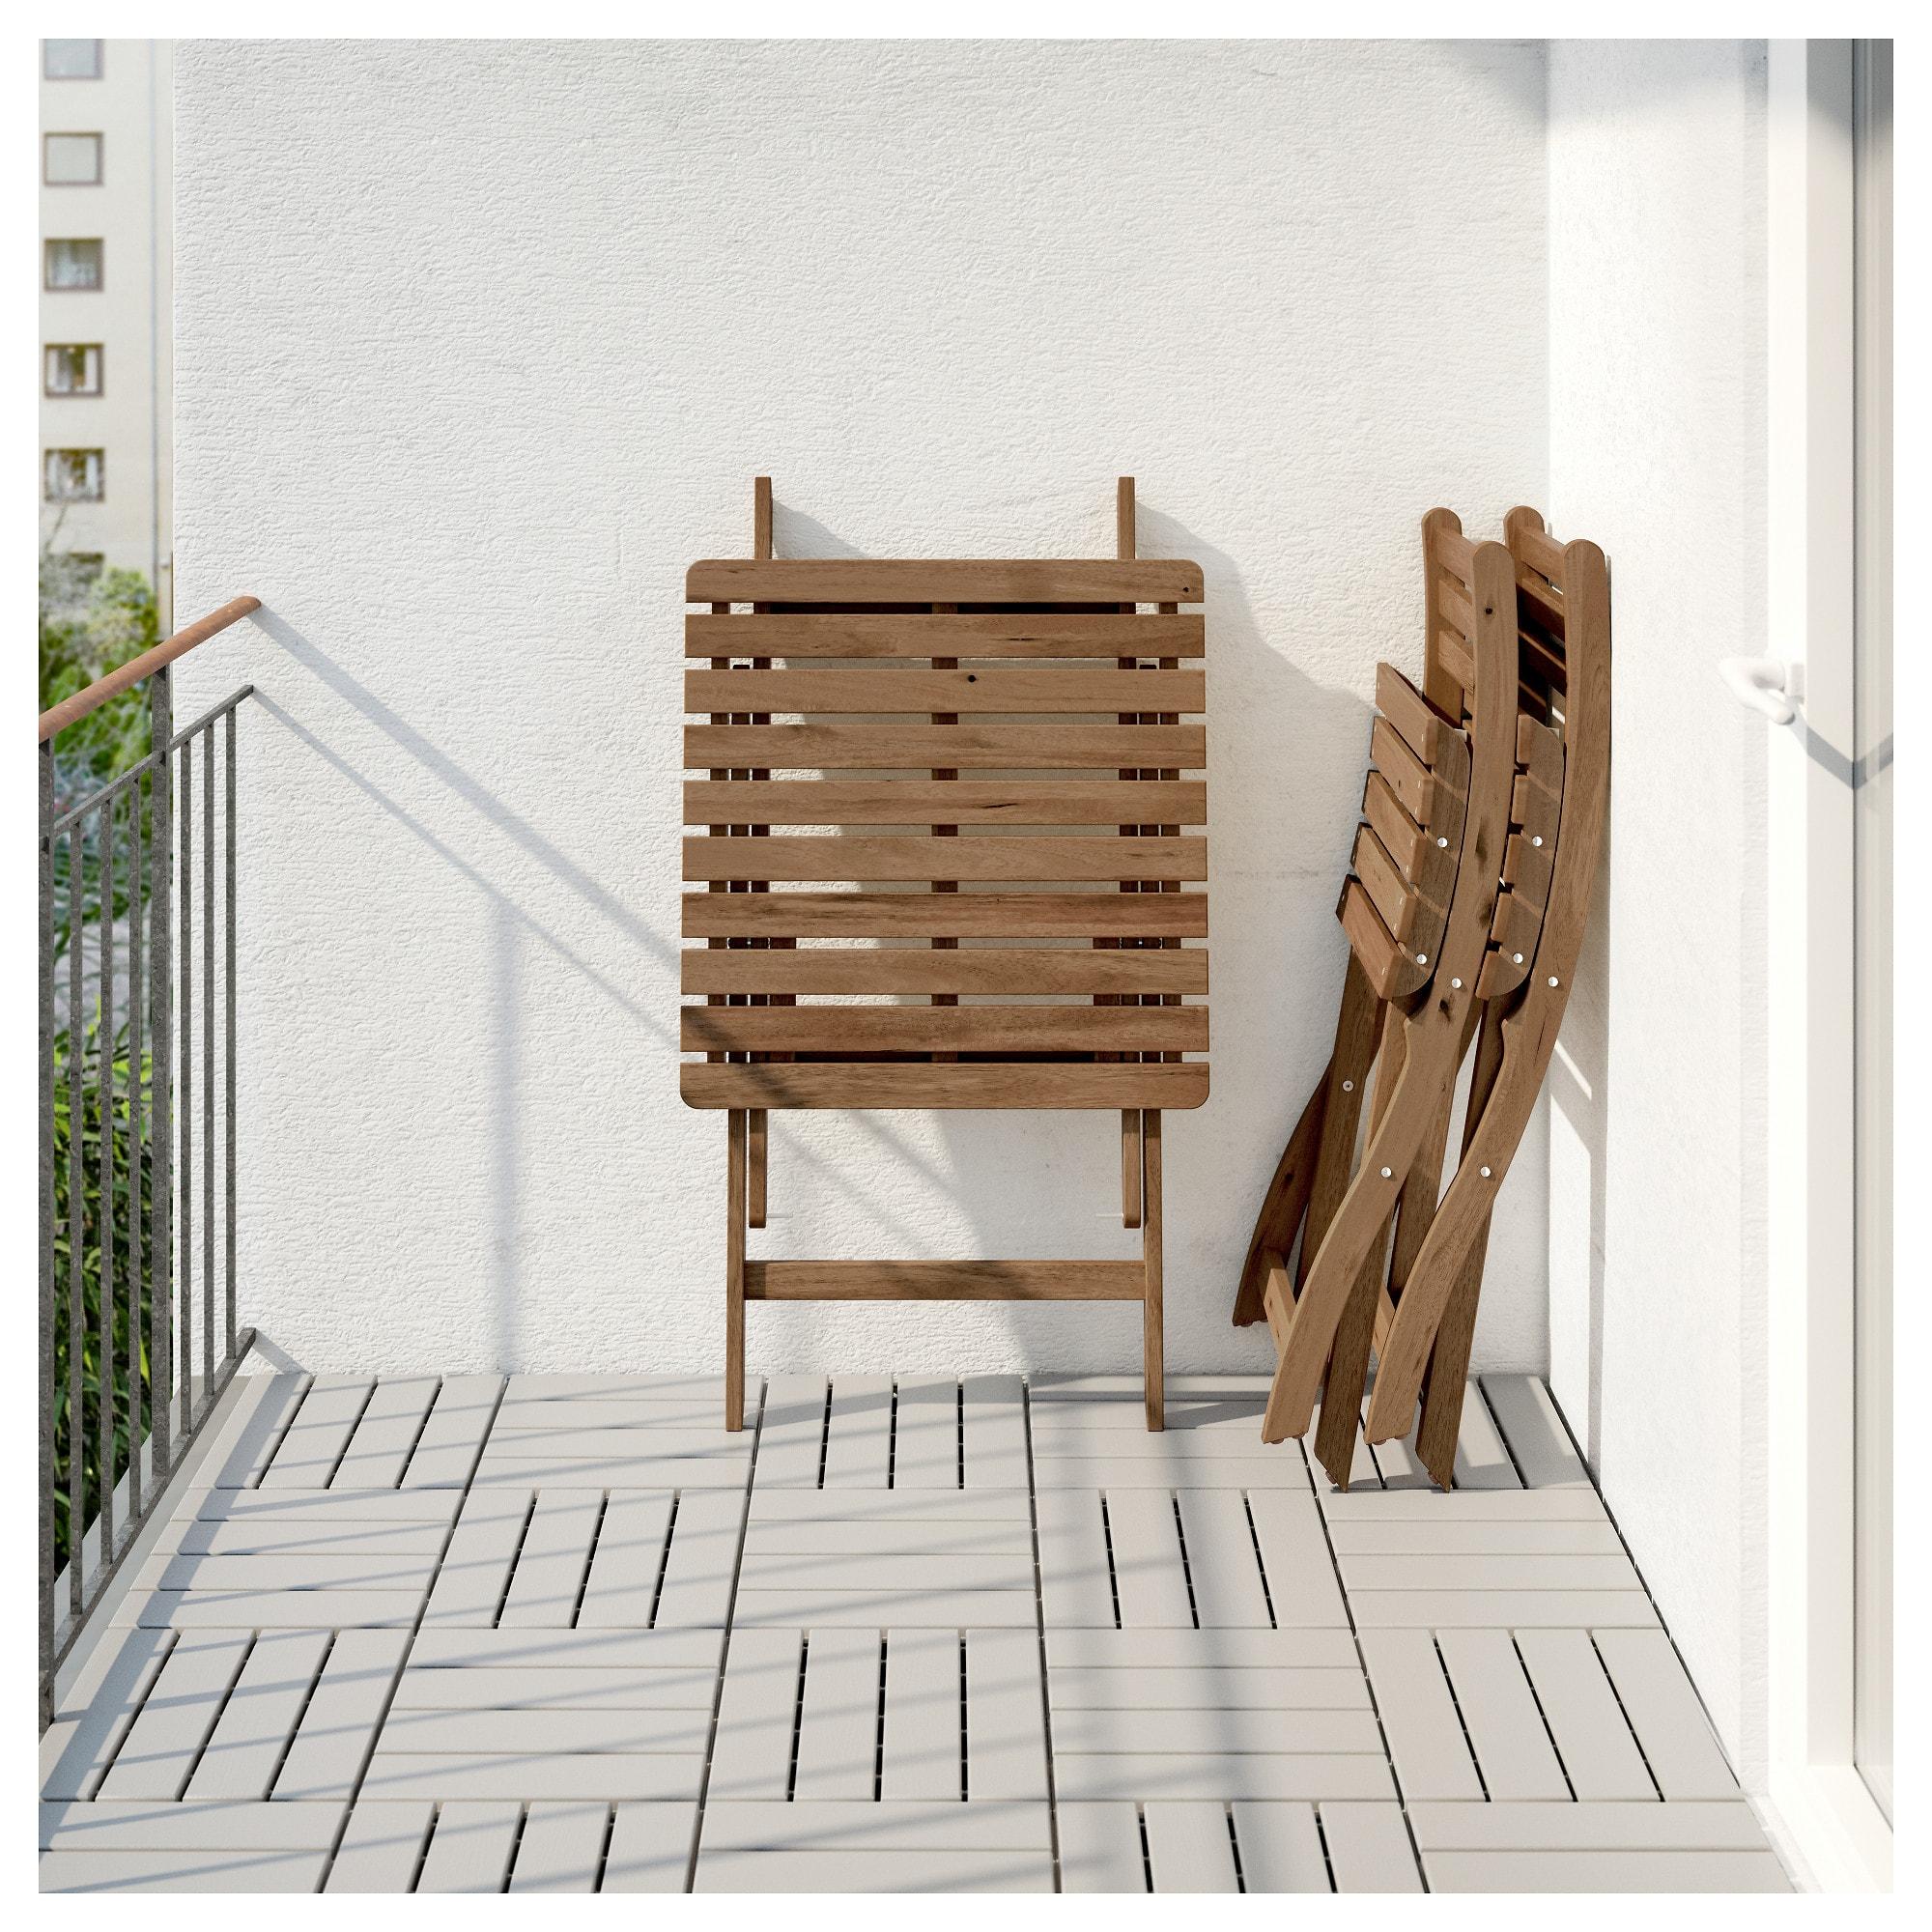 Стол + 2 стула, для сада АСКХОЛЬМЕН синий артикуль № 992.288.86 в наличии. Онлайн магазин IKEA Республика Беларусь. Недорогая доставка и установка.